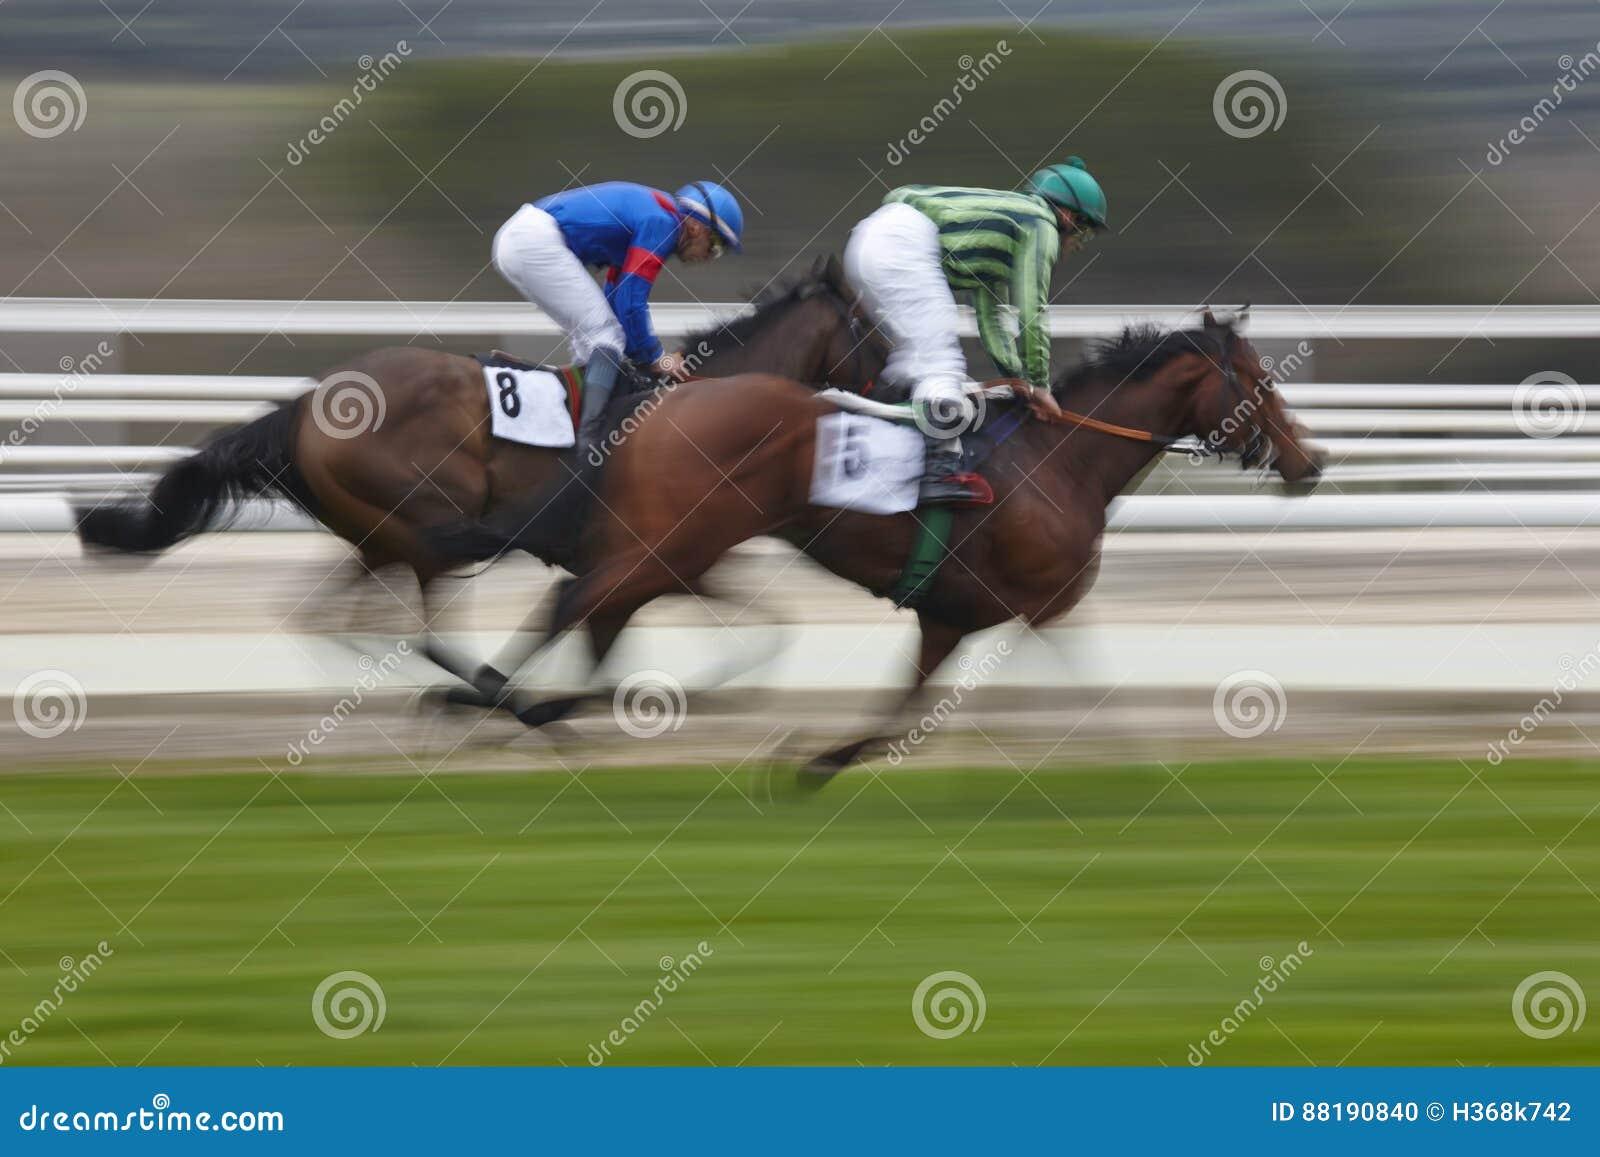 Τελική βιασύνη αγώνων αλόγων Αθλητισμός ανταγωνισμού ιππόδρομος Νικητής